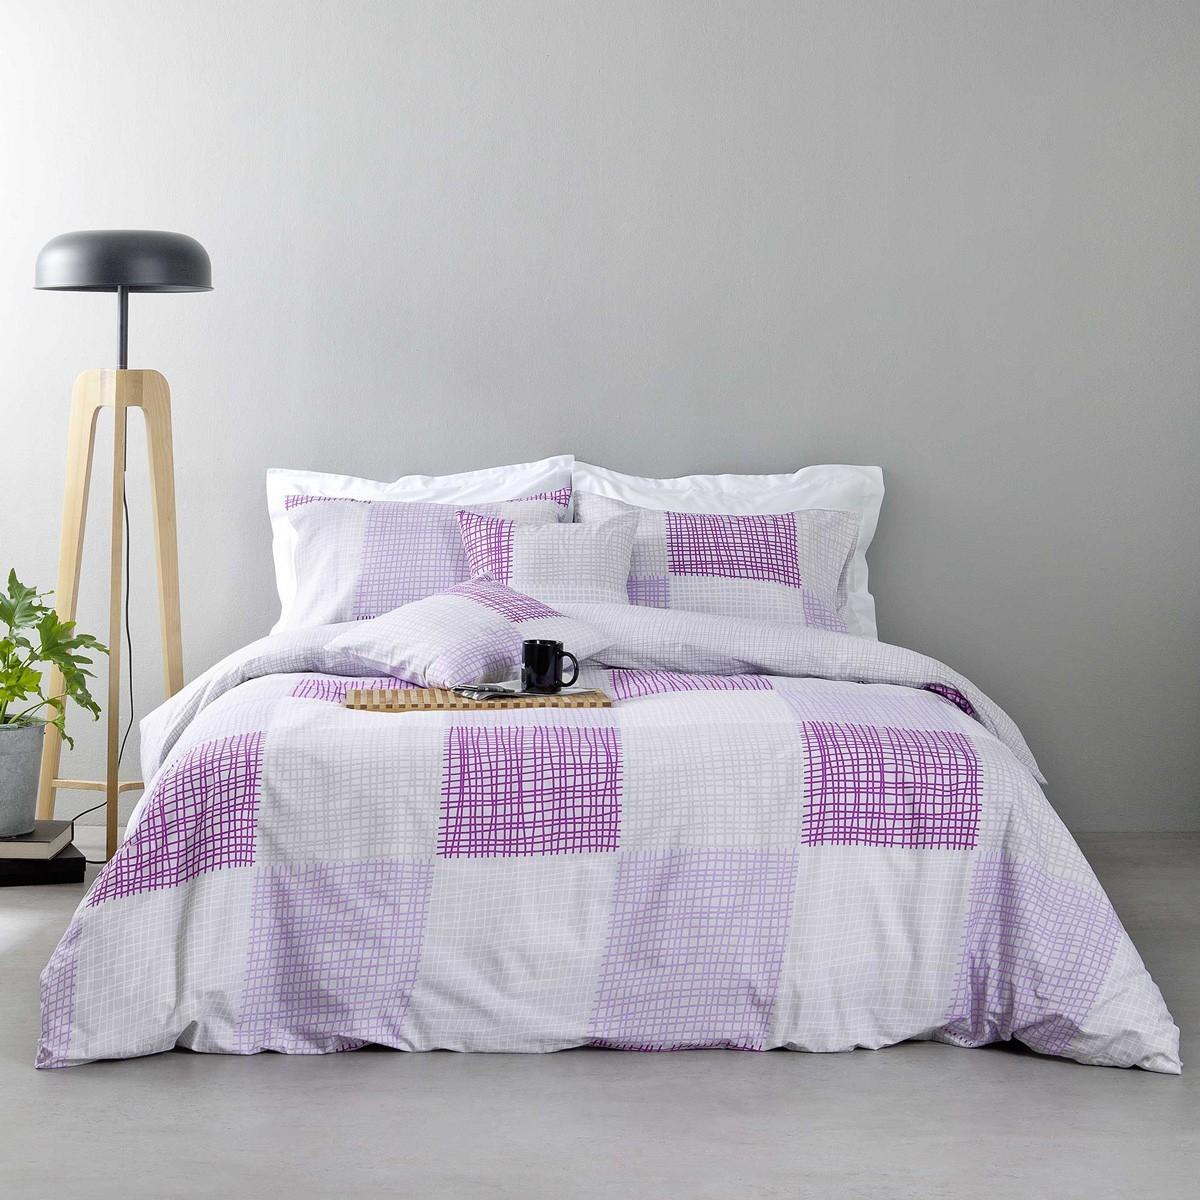 Παπλωματοθήκη Μονή (Σετ) Nima Bed Linen Rattan Lilac